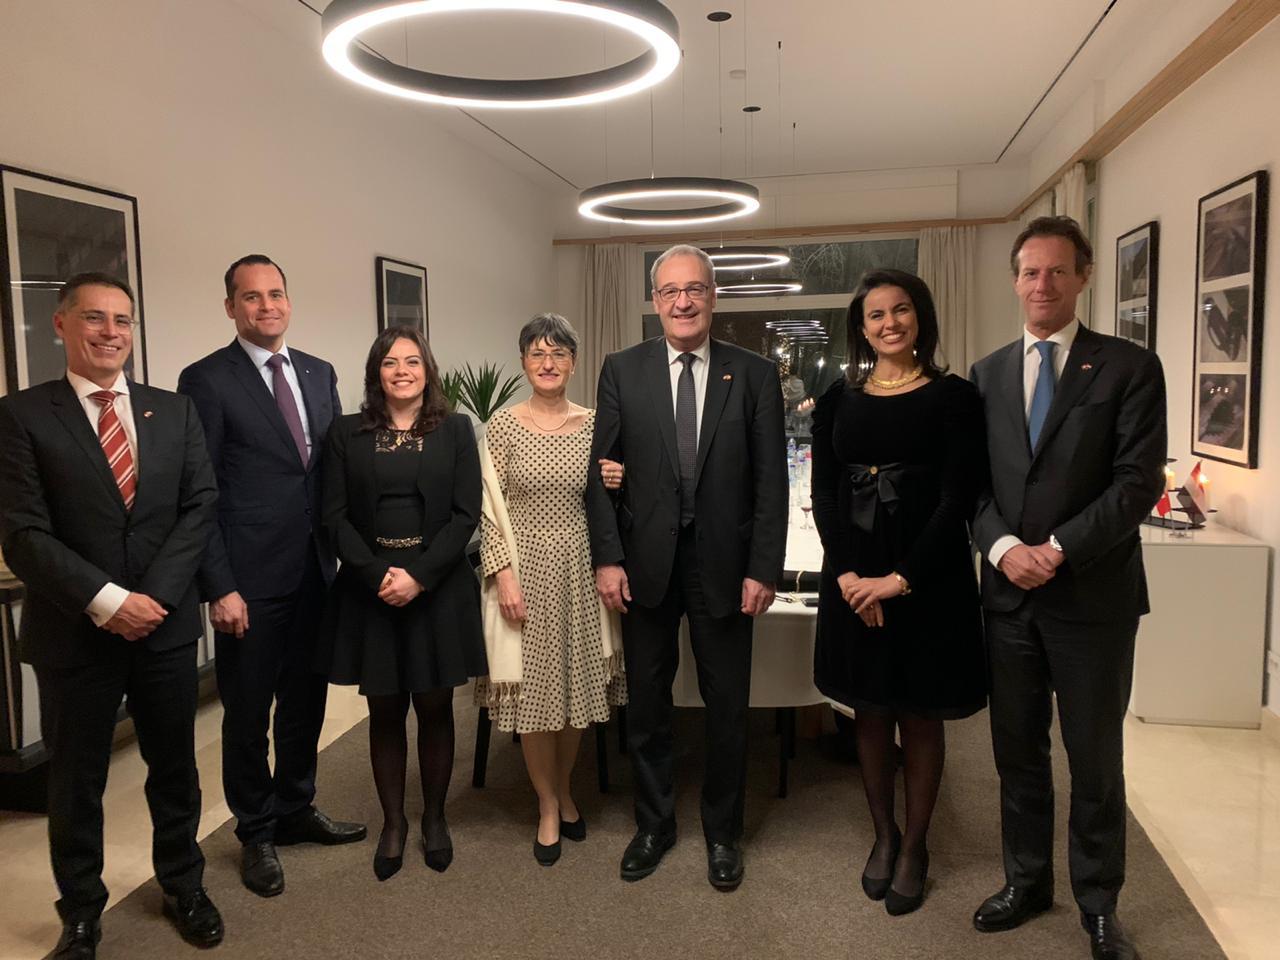 سيلفيا نبيل: اللقاء مع وزير الاقتصاد السويسري ناقش التعاون فيما يخص الأهداف الأممية